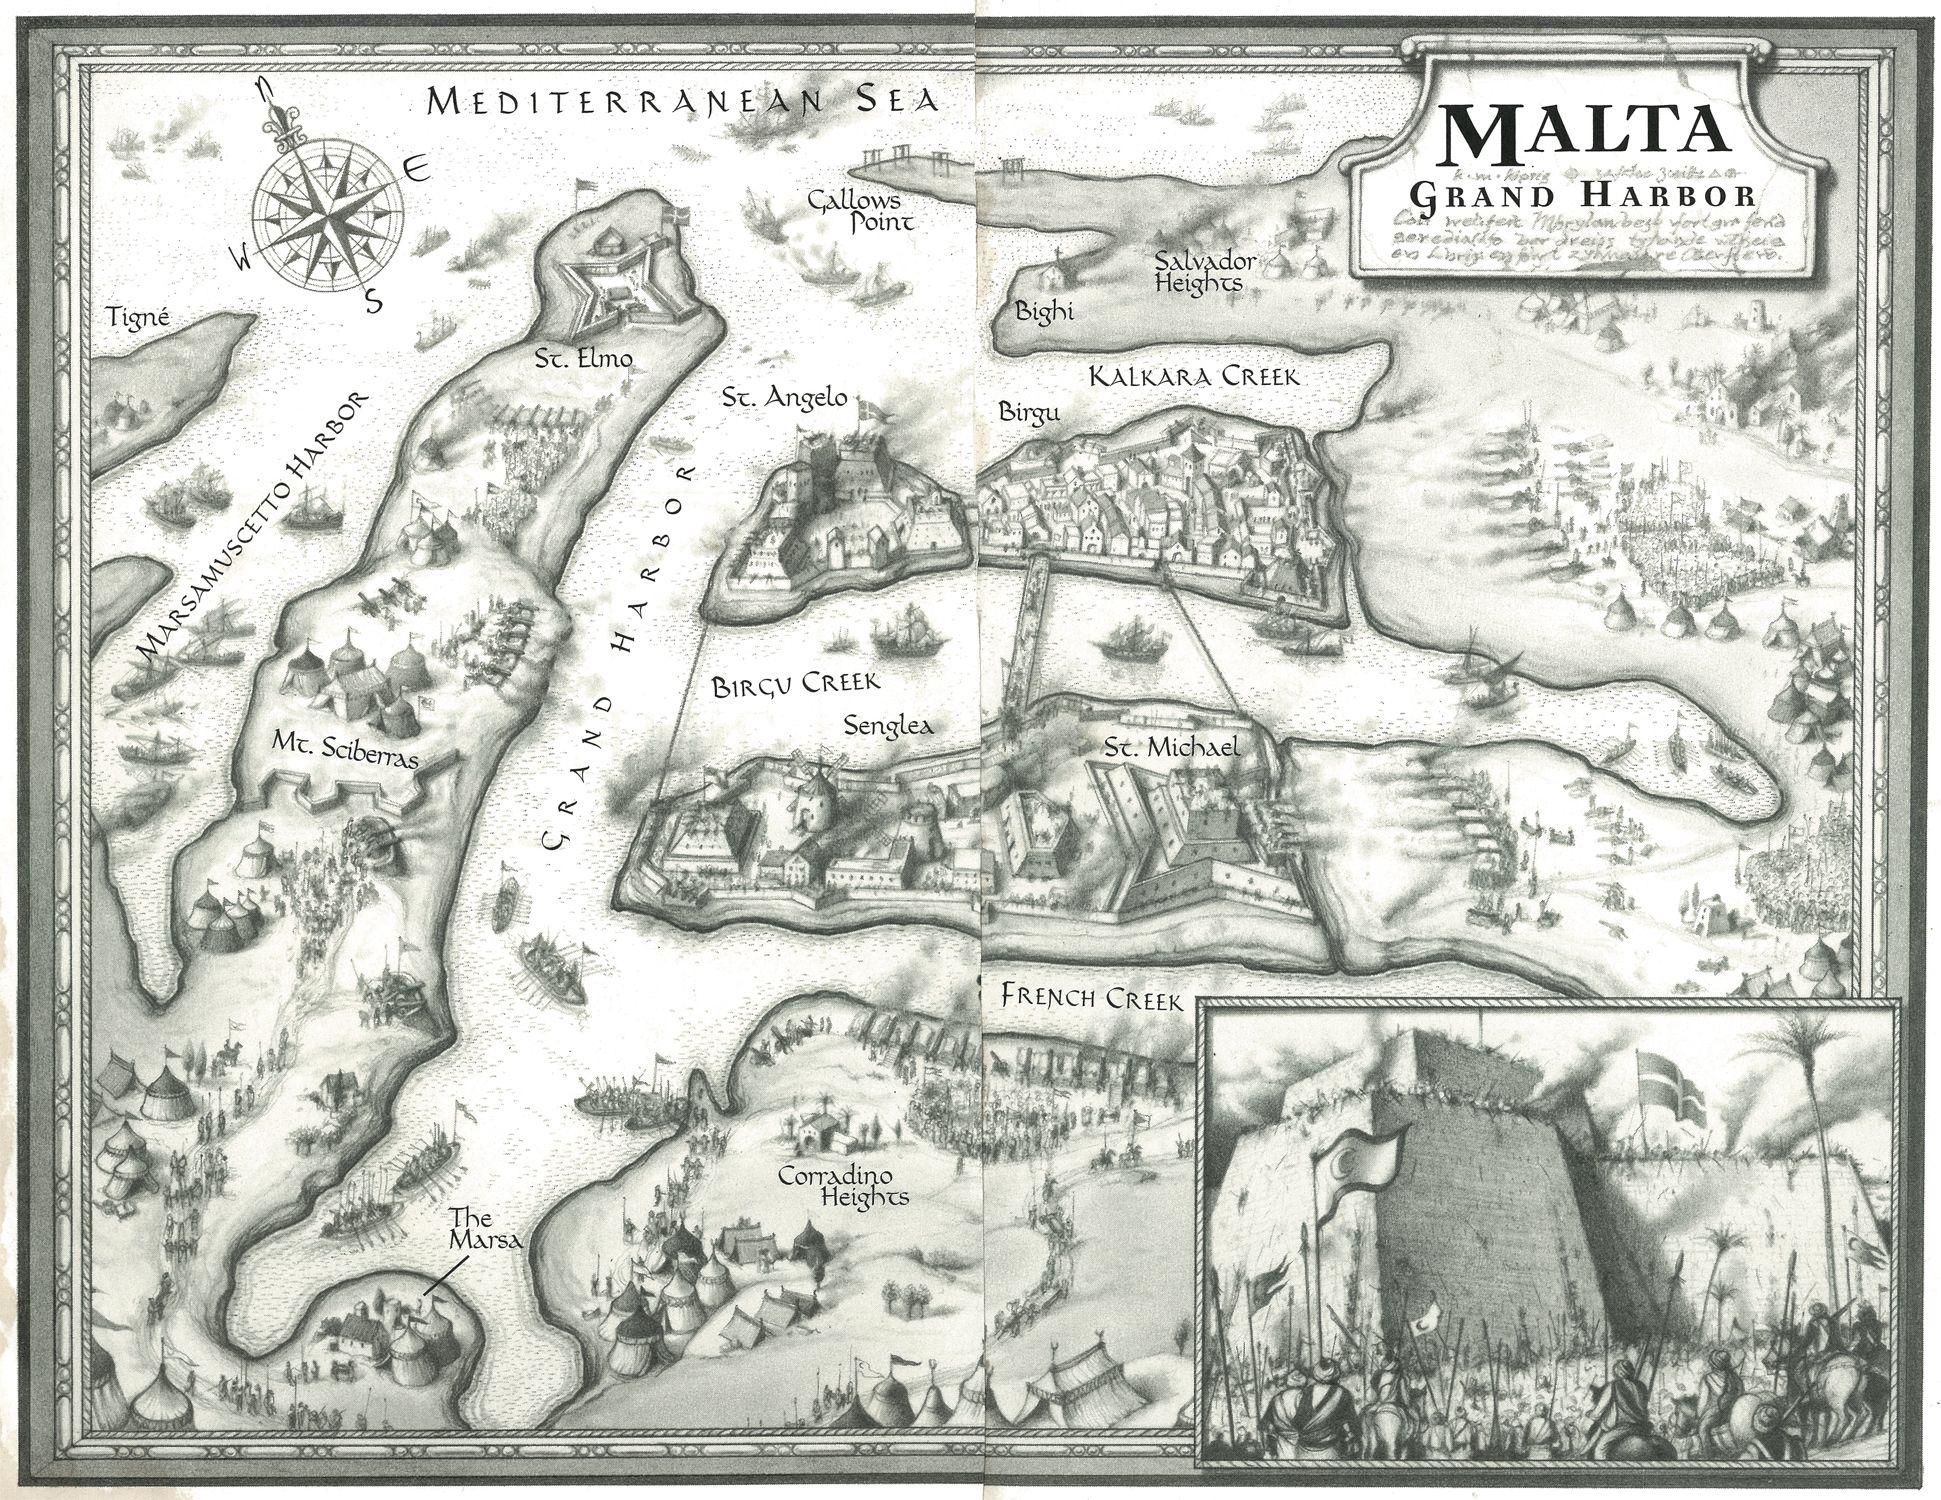 Malta Map Illustration by Michael Gellatly A hand drawn map